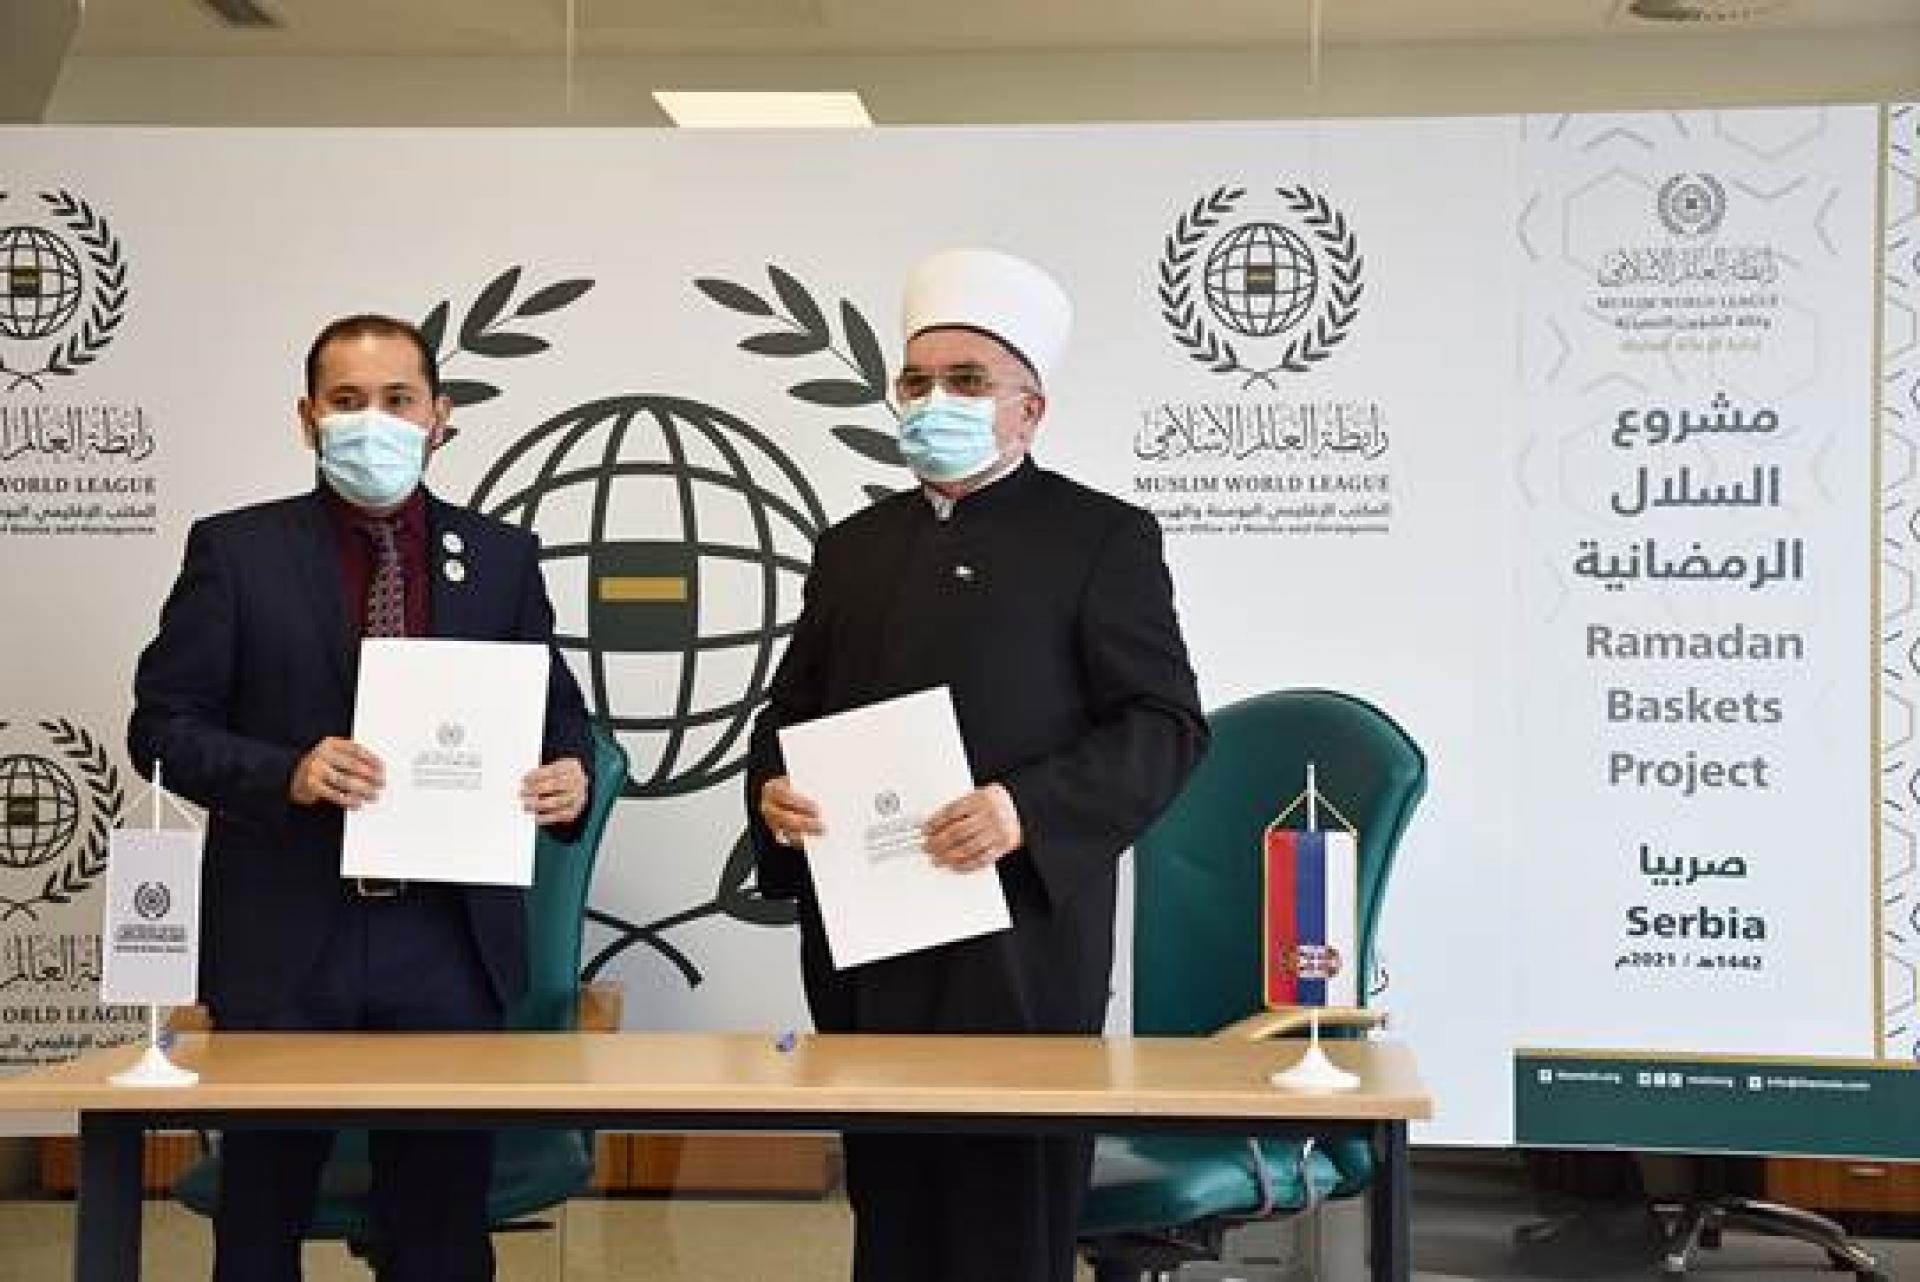 Liga Muslimanskog svijeta: Projekat podjele 6000 prehrambenih paketa